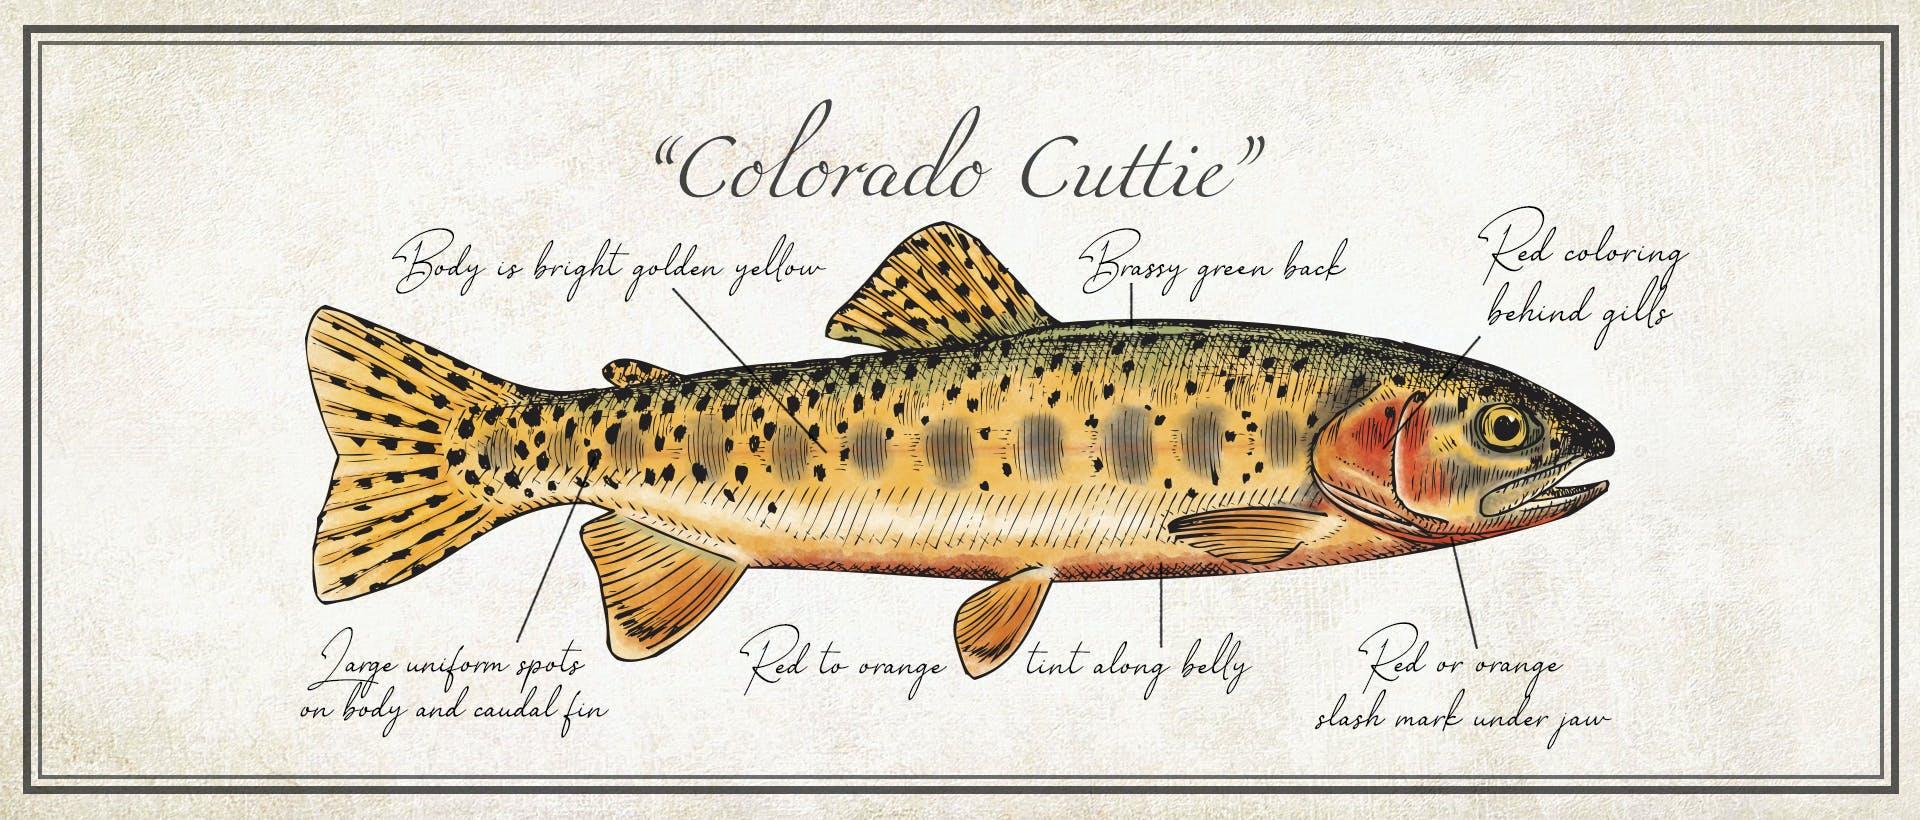 Co Cuttie Banner_05